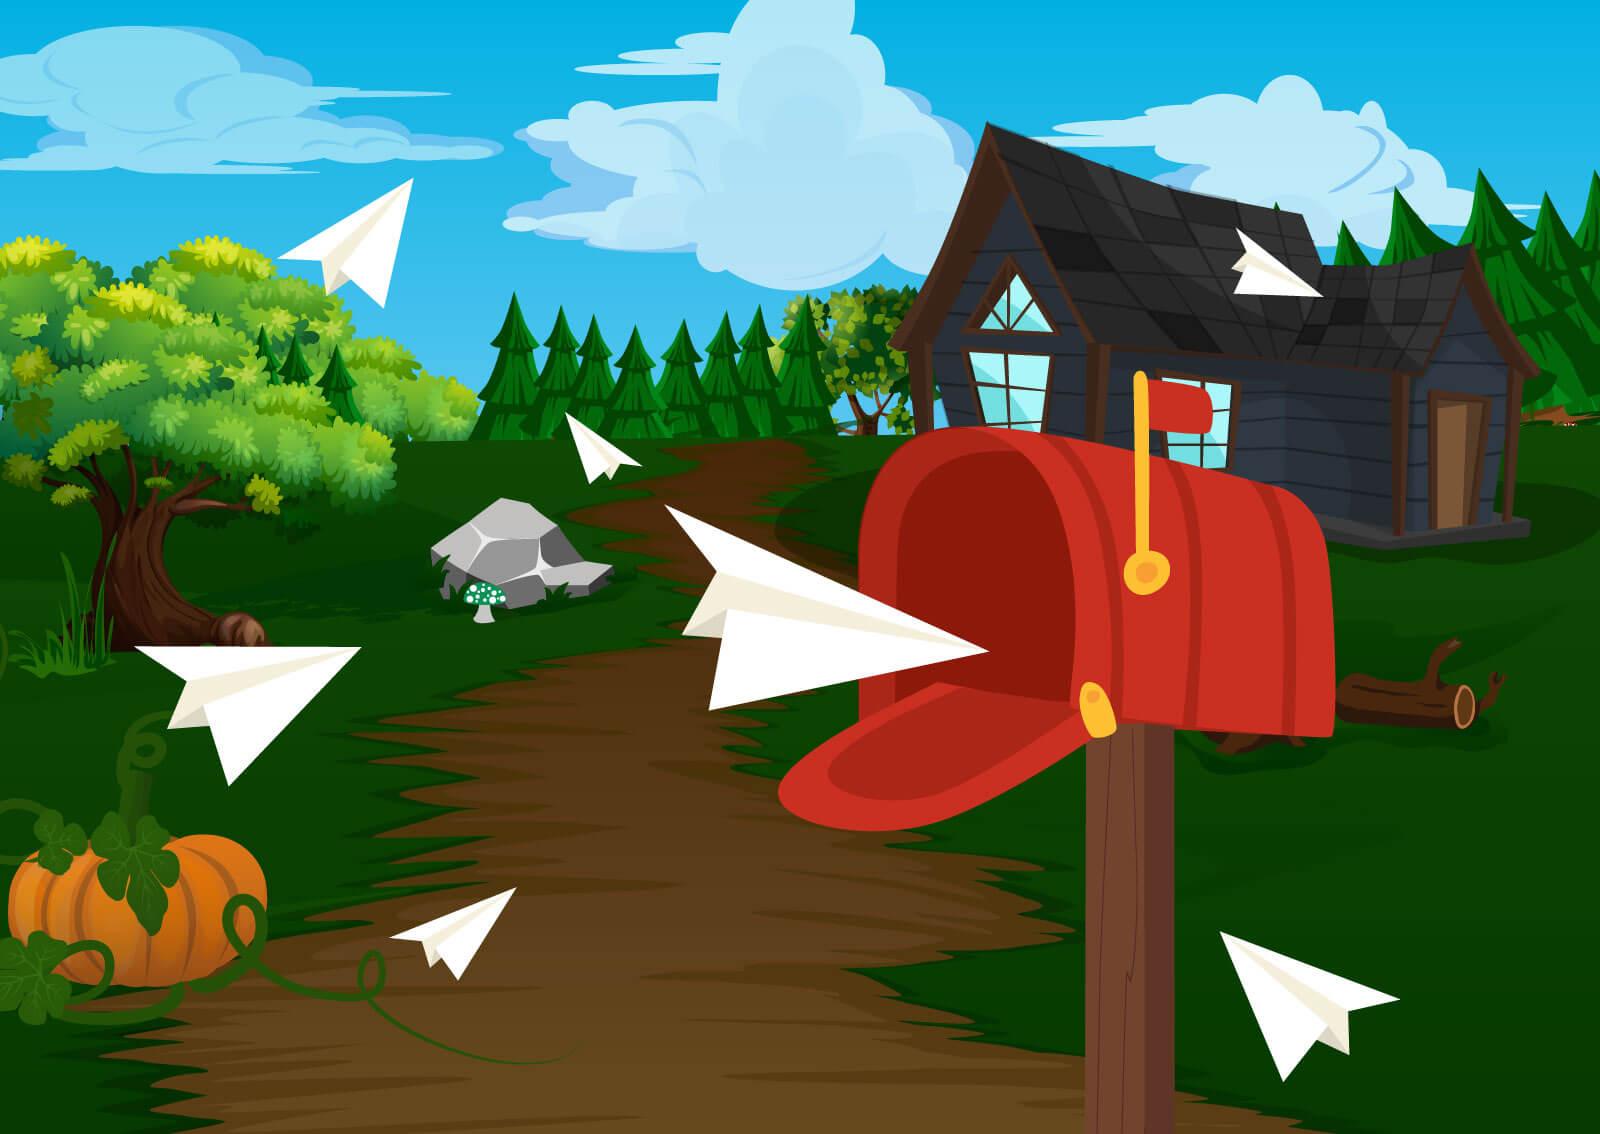 Ilustracija poštanskog sandučeta u koji doleću mailovi koja pokazuje koliko efektno može biti e-mail oglašavanje